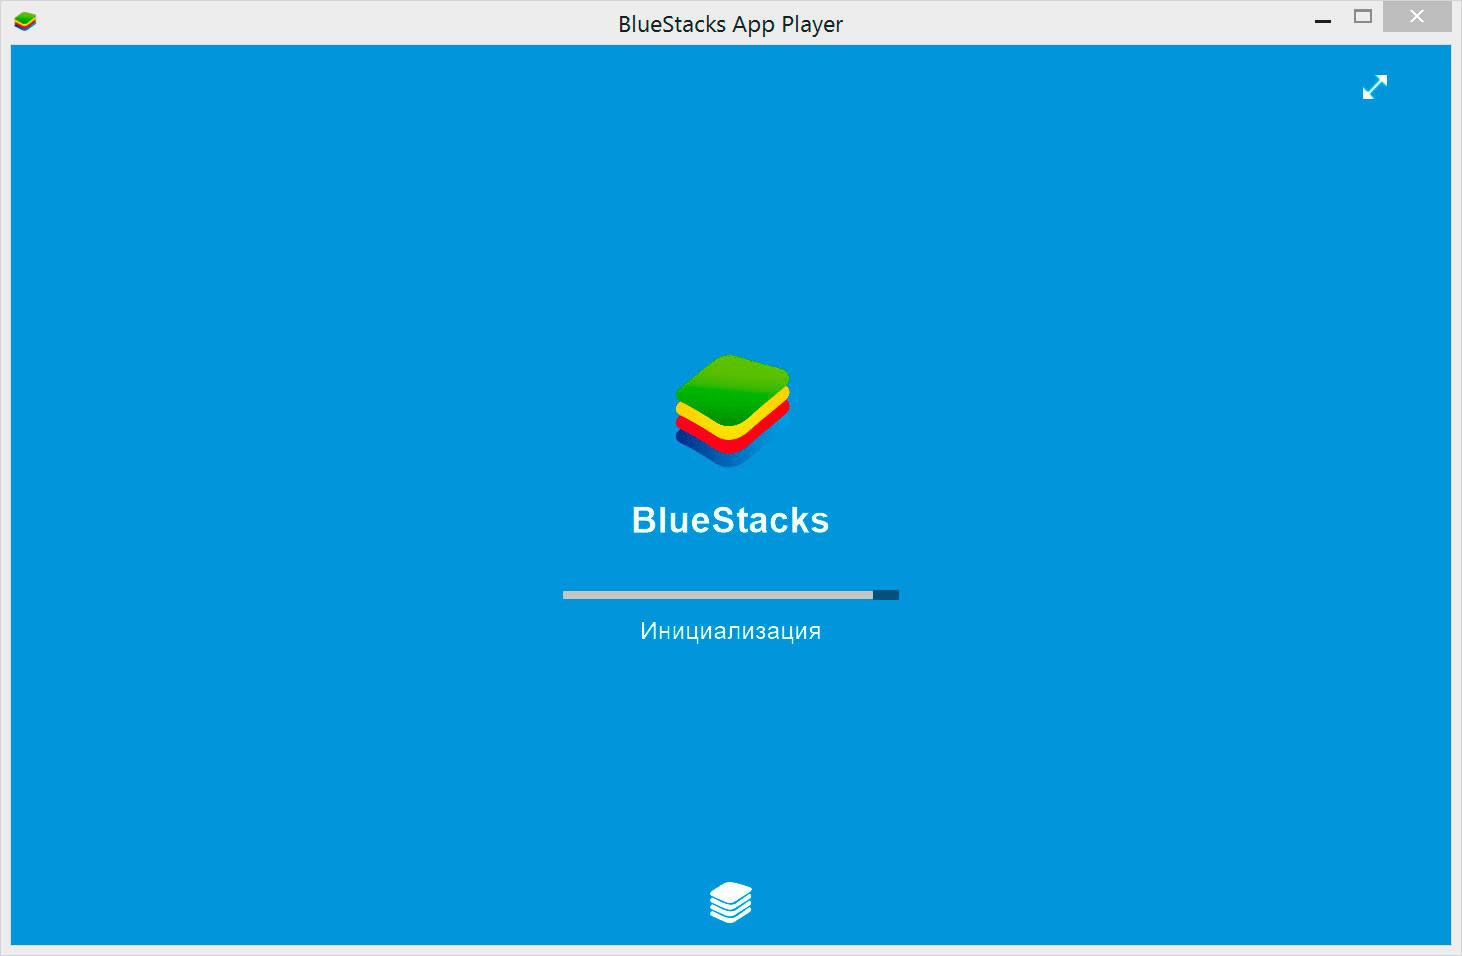 Ustanovka Bluestacks 2